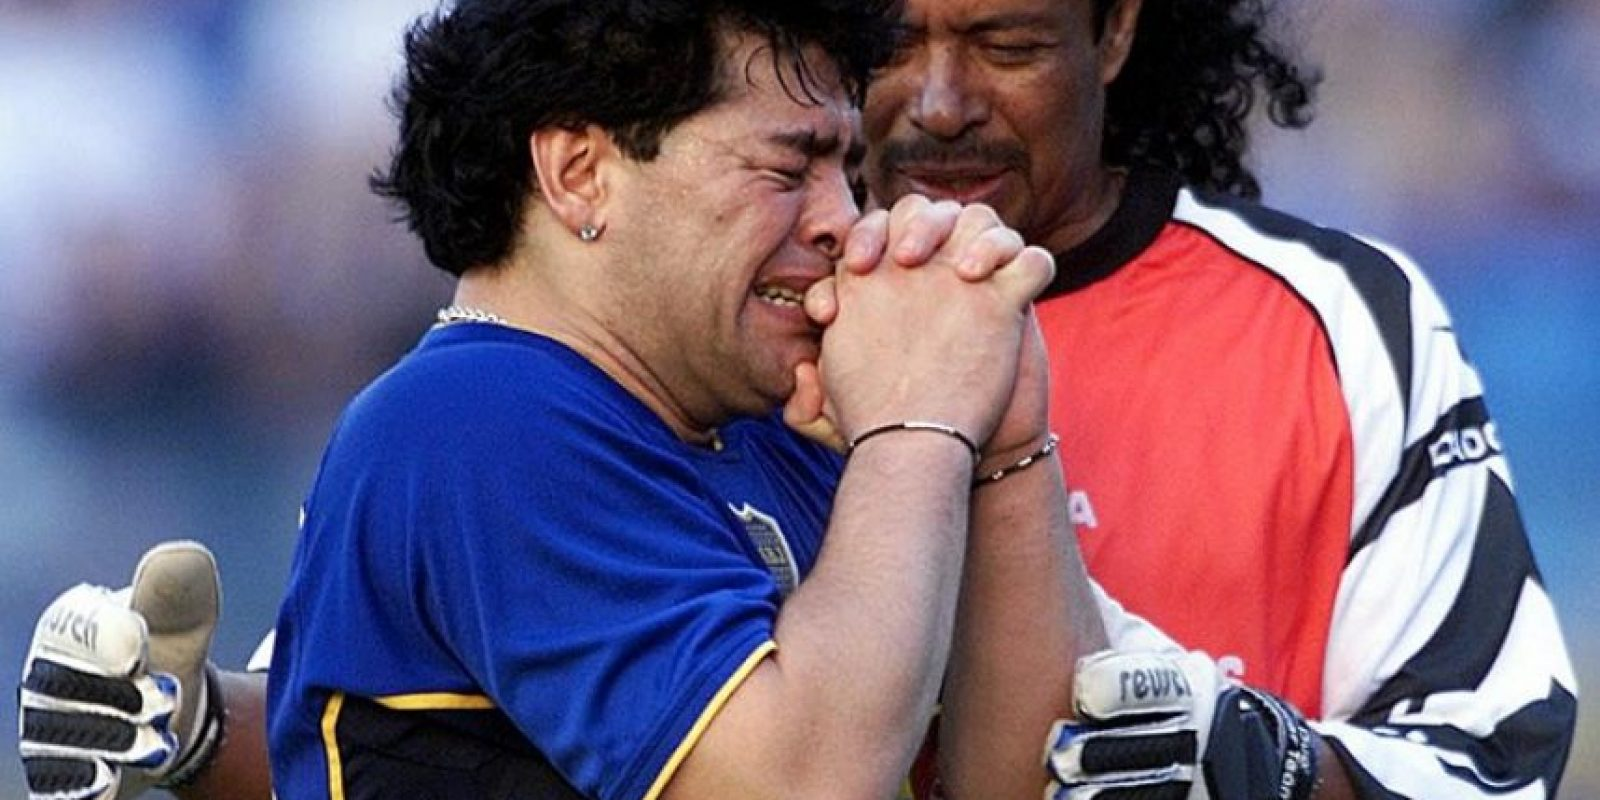 La despedida, a la que asistieron familiares y amigos del fútbol, fue el 2001 en La Bombonera. René Higuita fue uno de los invitados. Foto:AFP